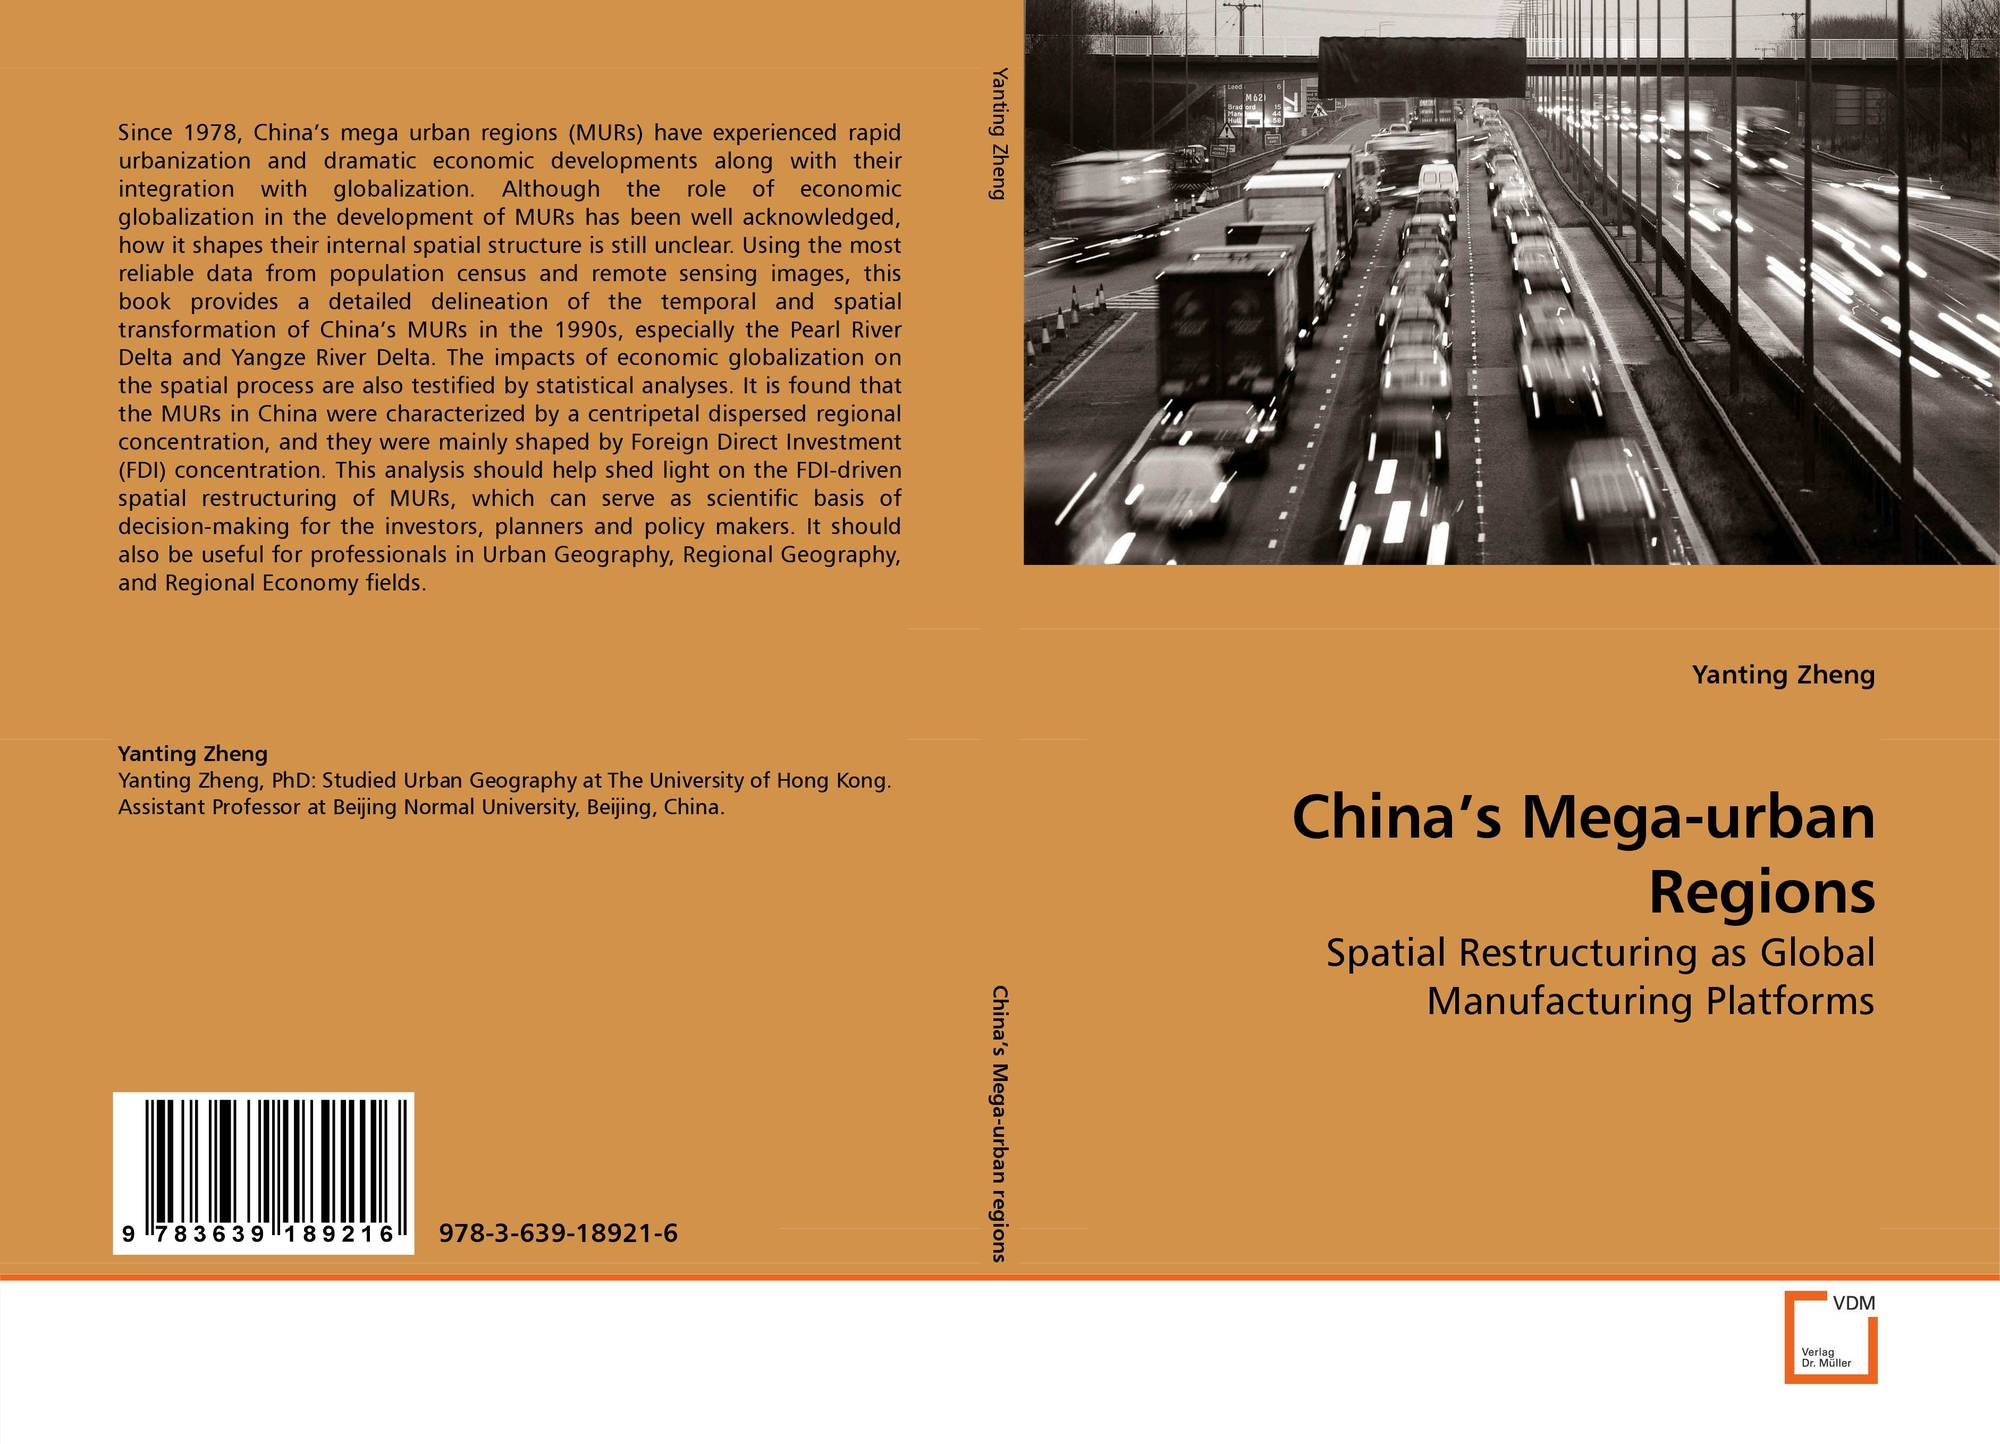 urbanization and fdi of china